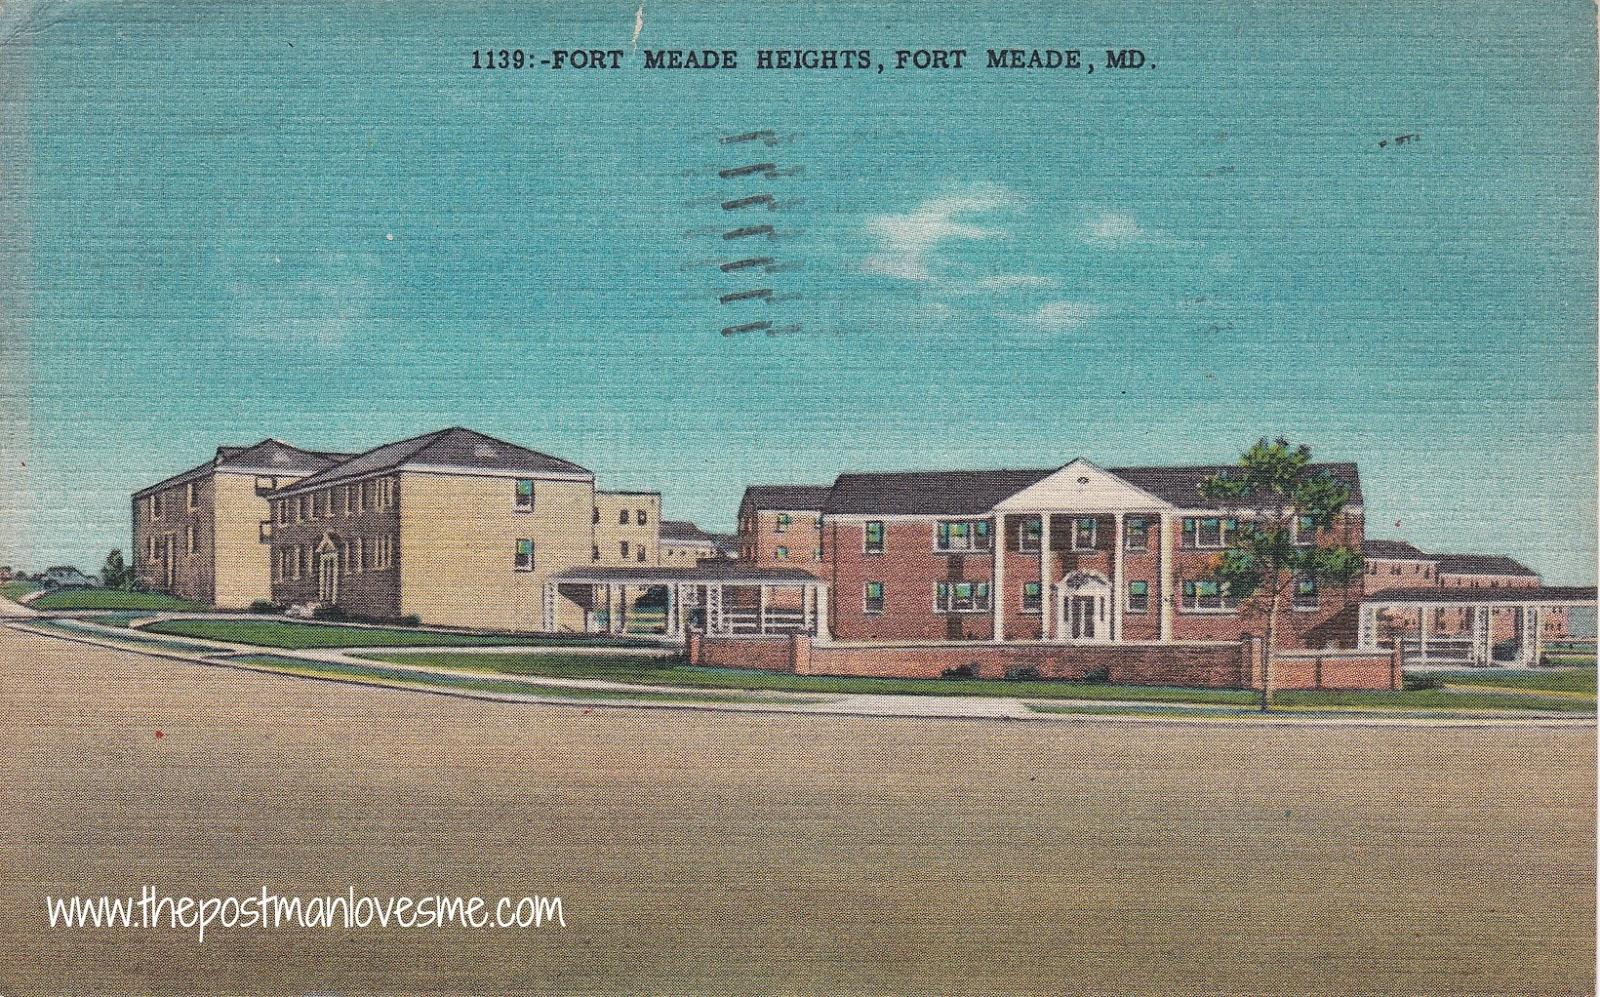 Fort Meade Vintage Postcard